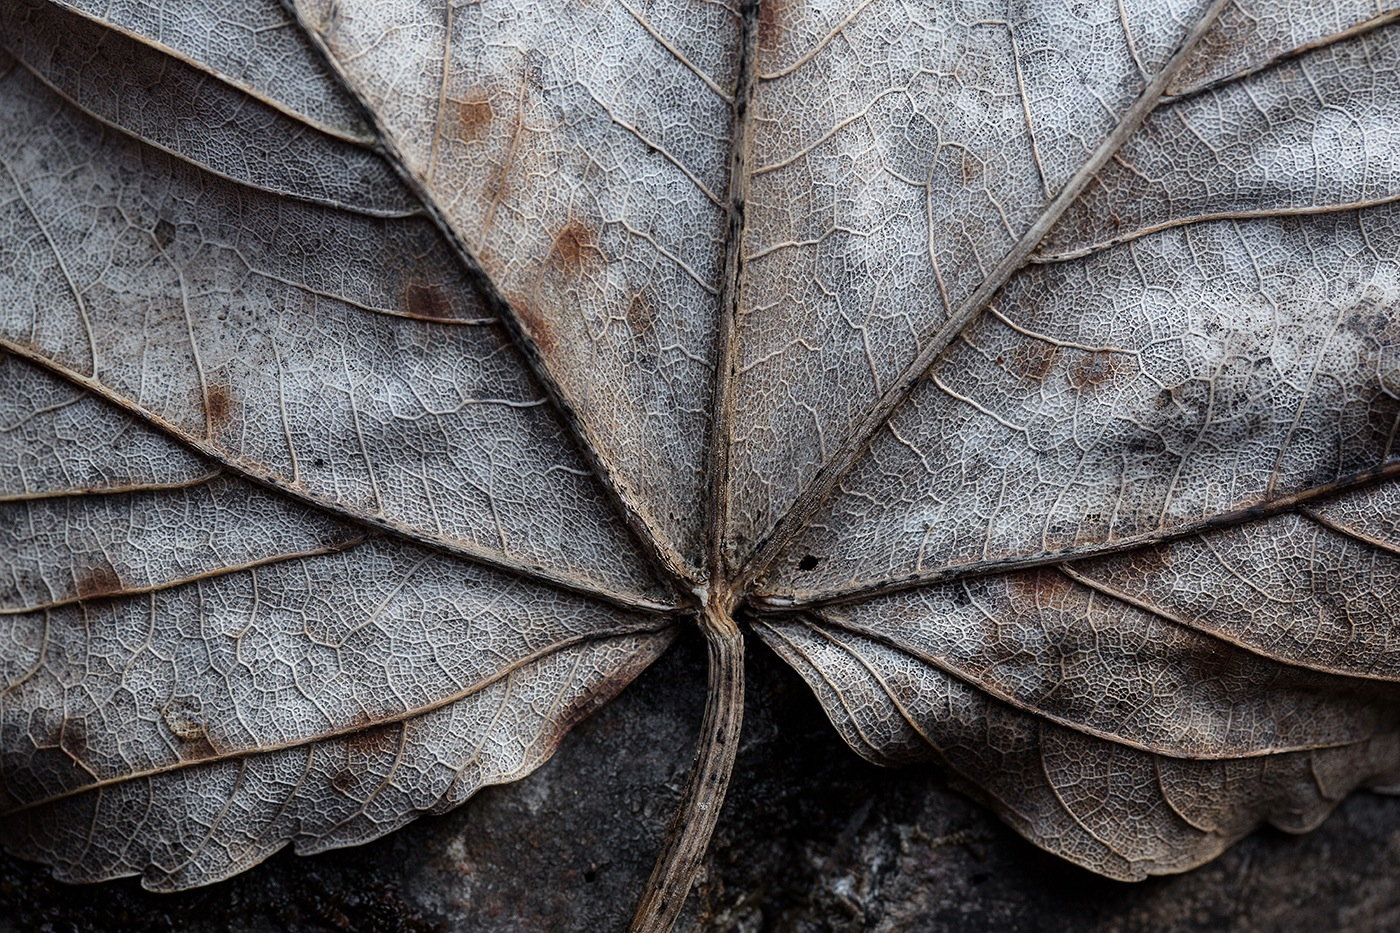 Feuille de platanus x acerifolia sur tronc en décomposition.